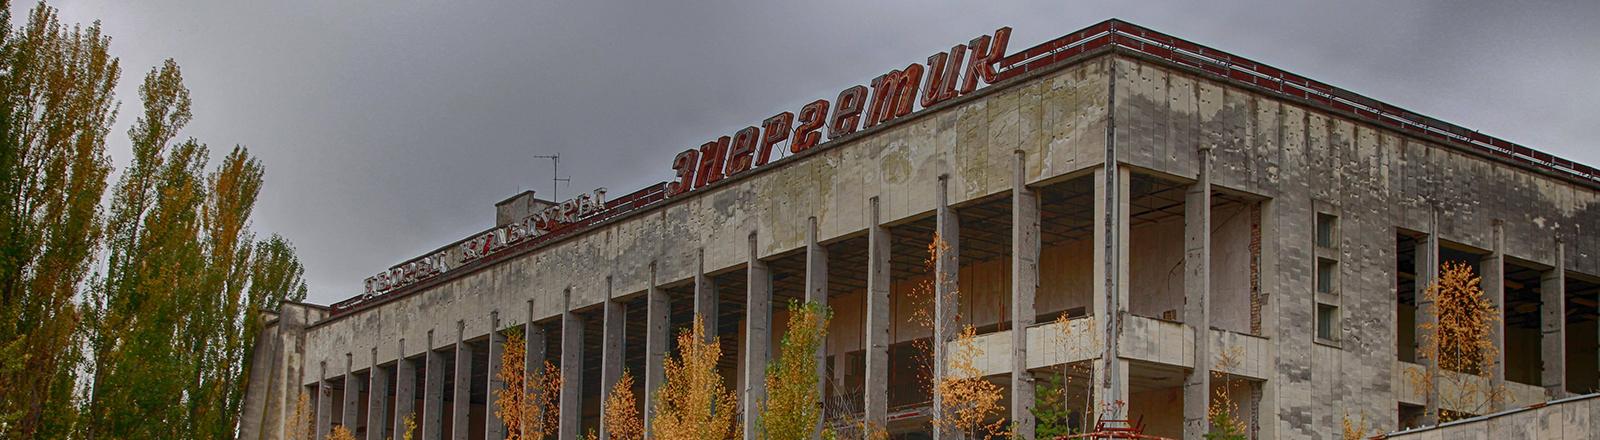 Zerstörtes Gebäude, Geisterstadt Prypjat nach dem Gau von Tschernobyl.